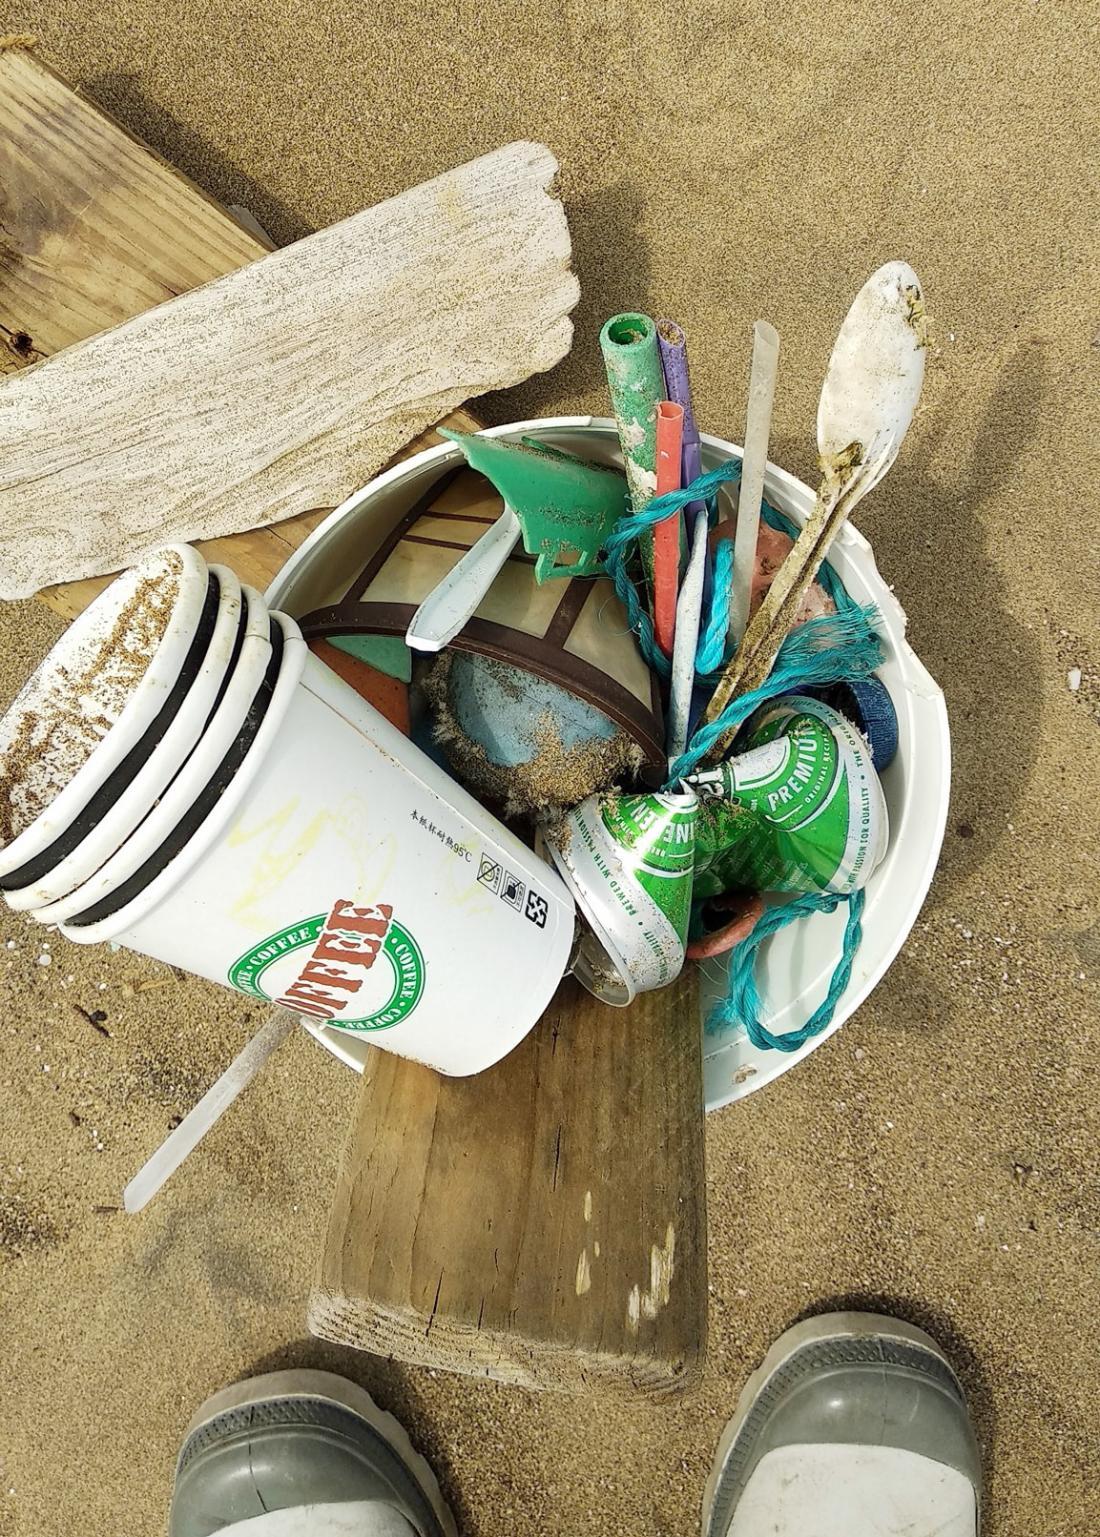 有看到眾垃圾中,有一根像珍珠奶茶吸管的海